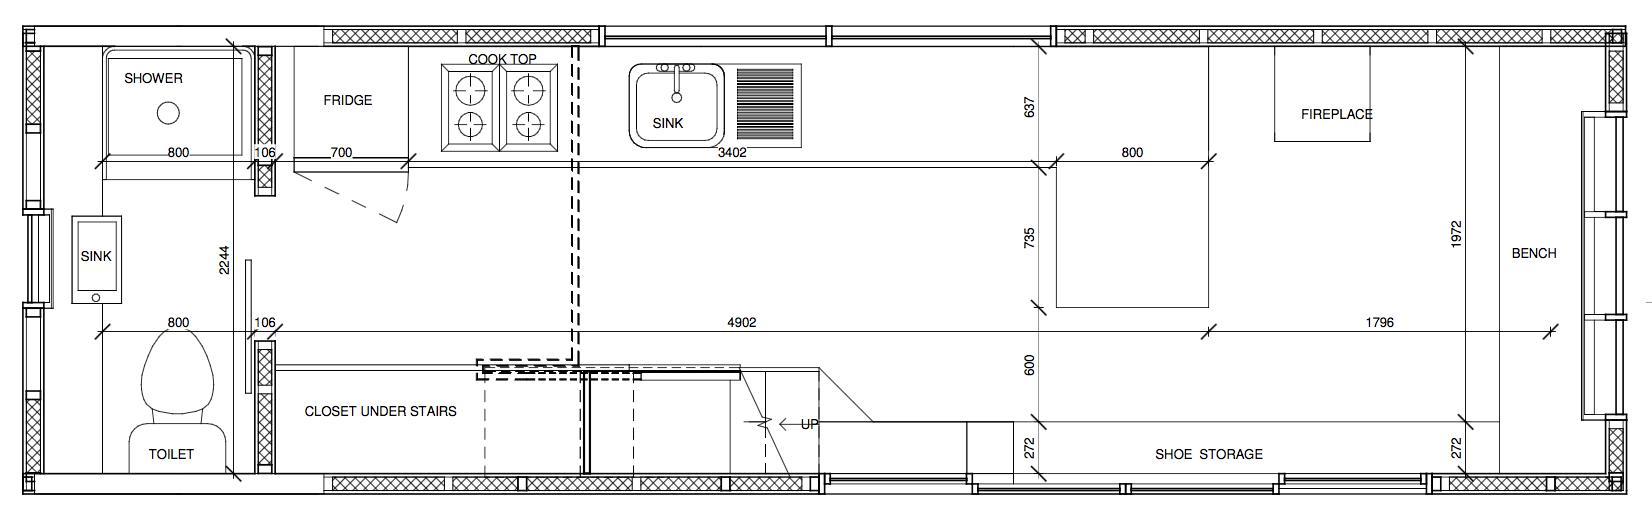 Jawa - floor plan.png